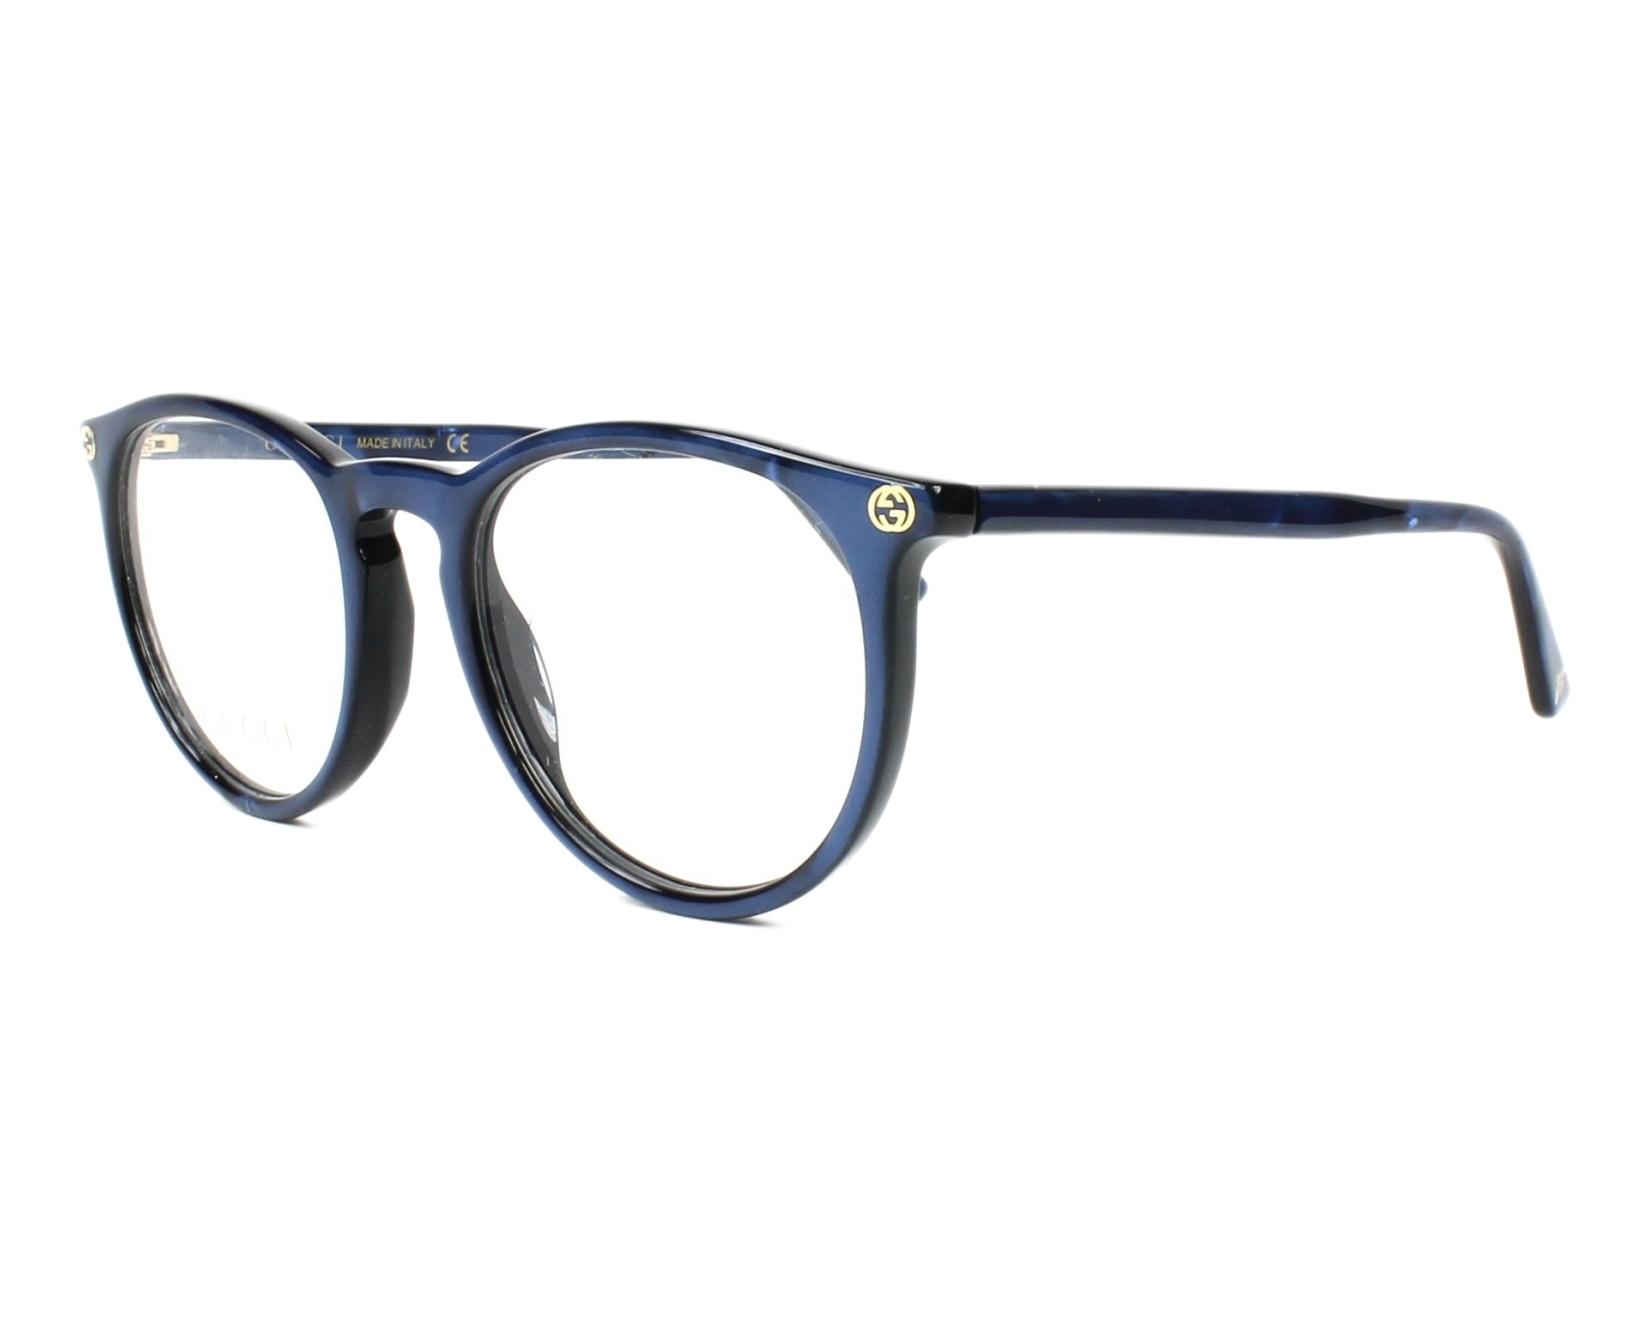 3c27e77a02 Lunettes de vue Gucci GG-00270 005 50-20 Bleu vue de profil